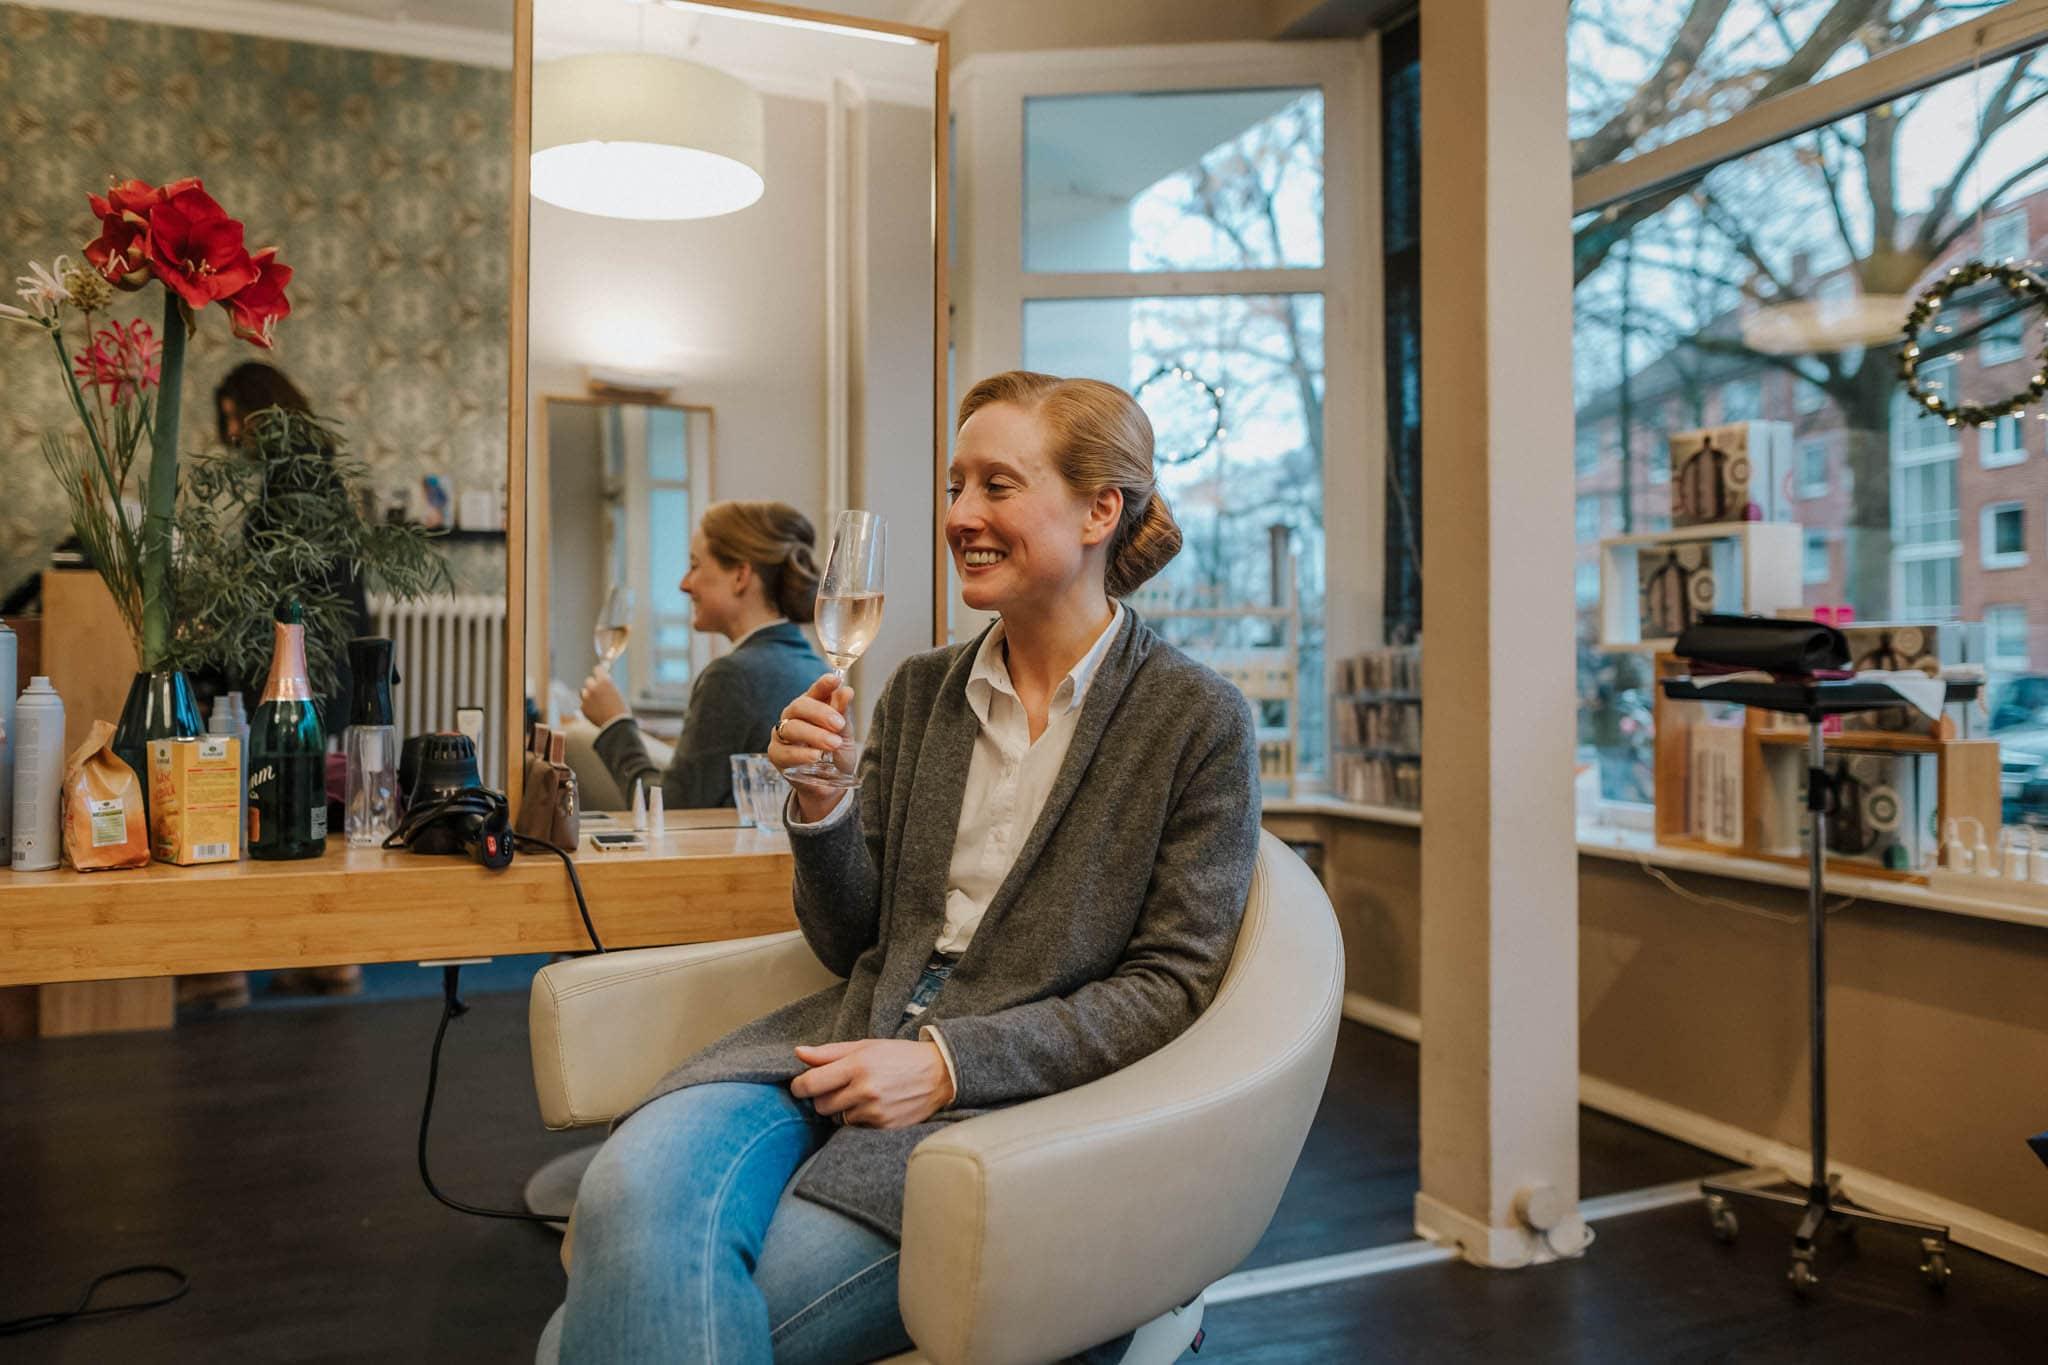 Hochzeitsfieber by Photo-Schomburg, Hochzeitsfotograf, Hamburg,Hochzeitstag, Hochzeitspaar, Braut, Bräutigam, Literaturhauscafe Hamburg-5